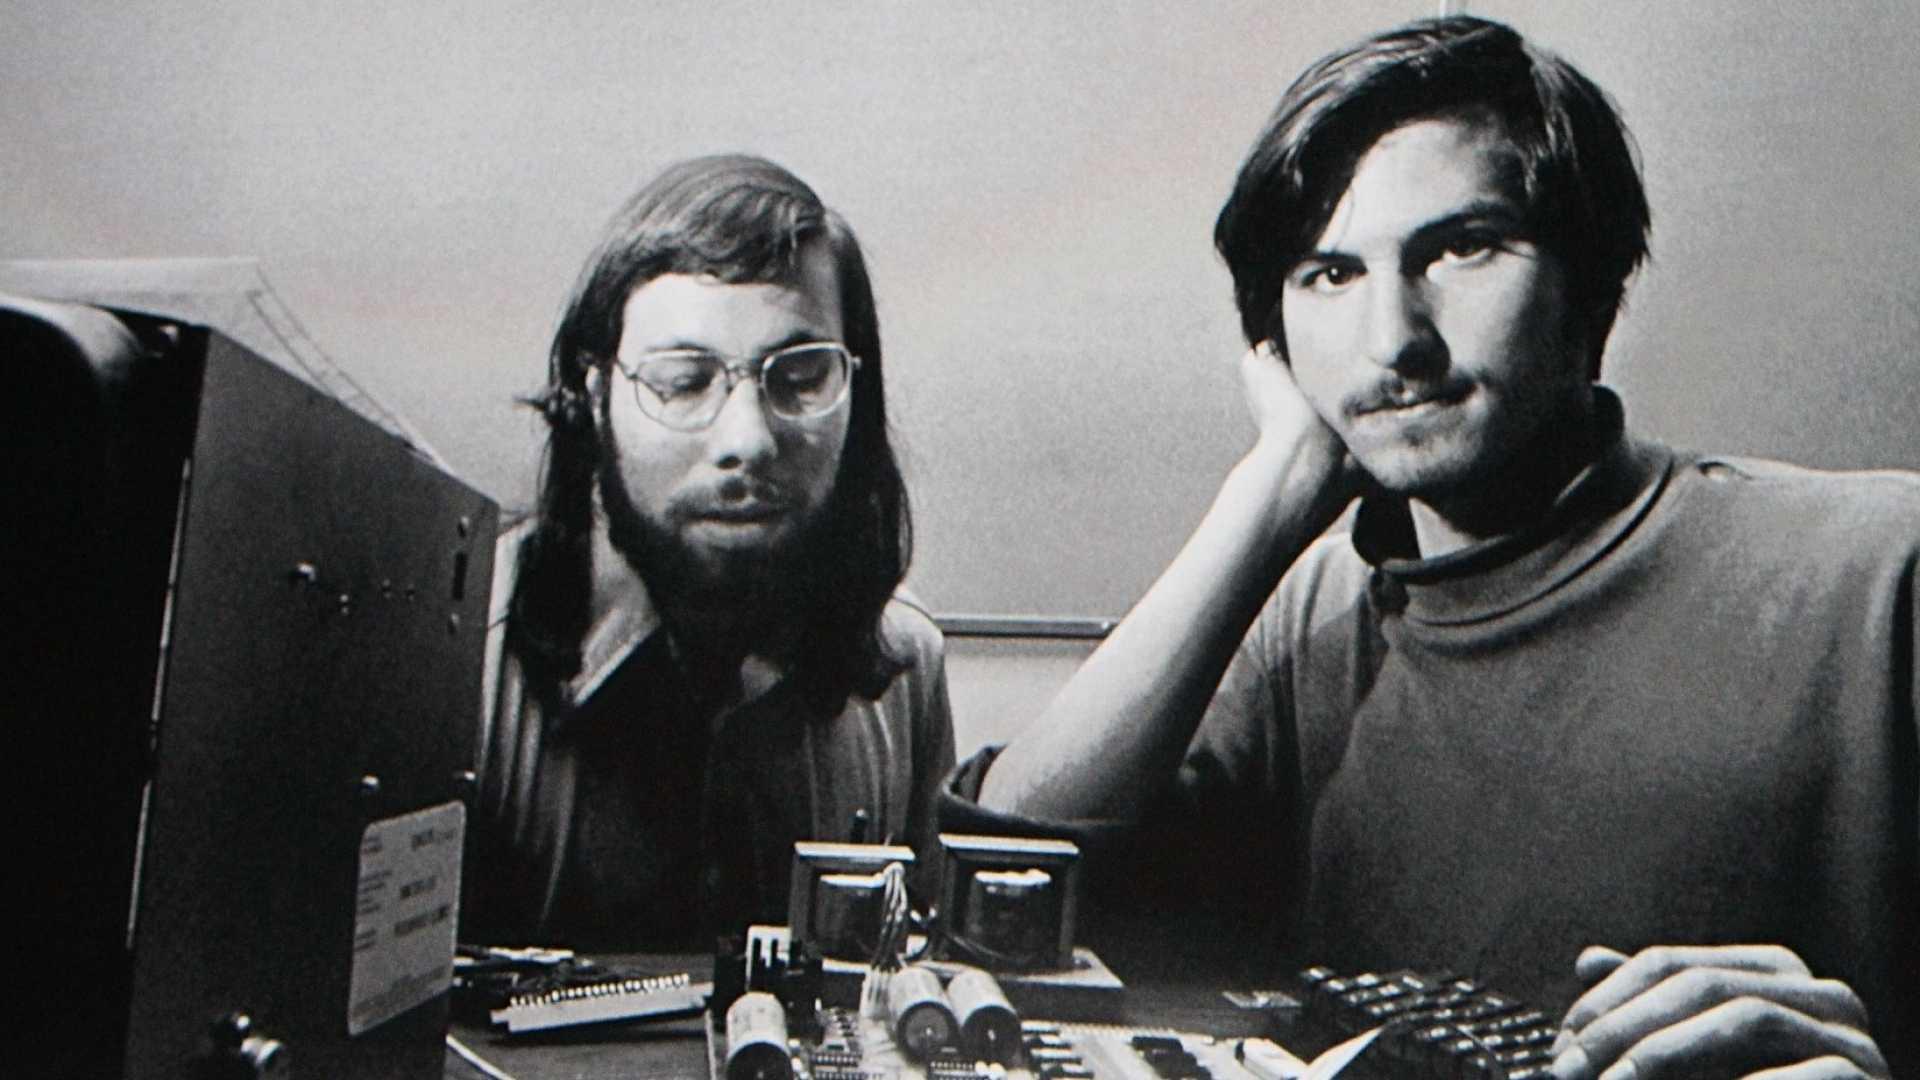 Steve Wozniak and Steve Jobs.